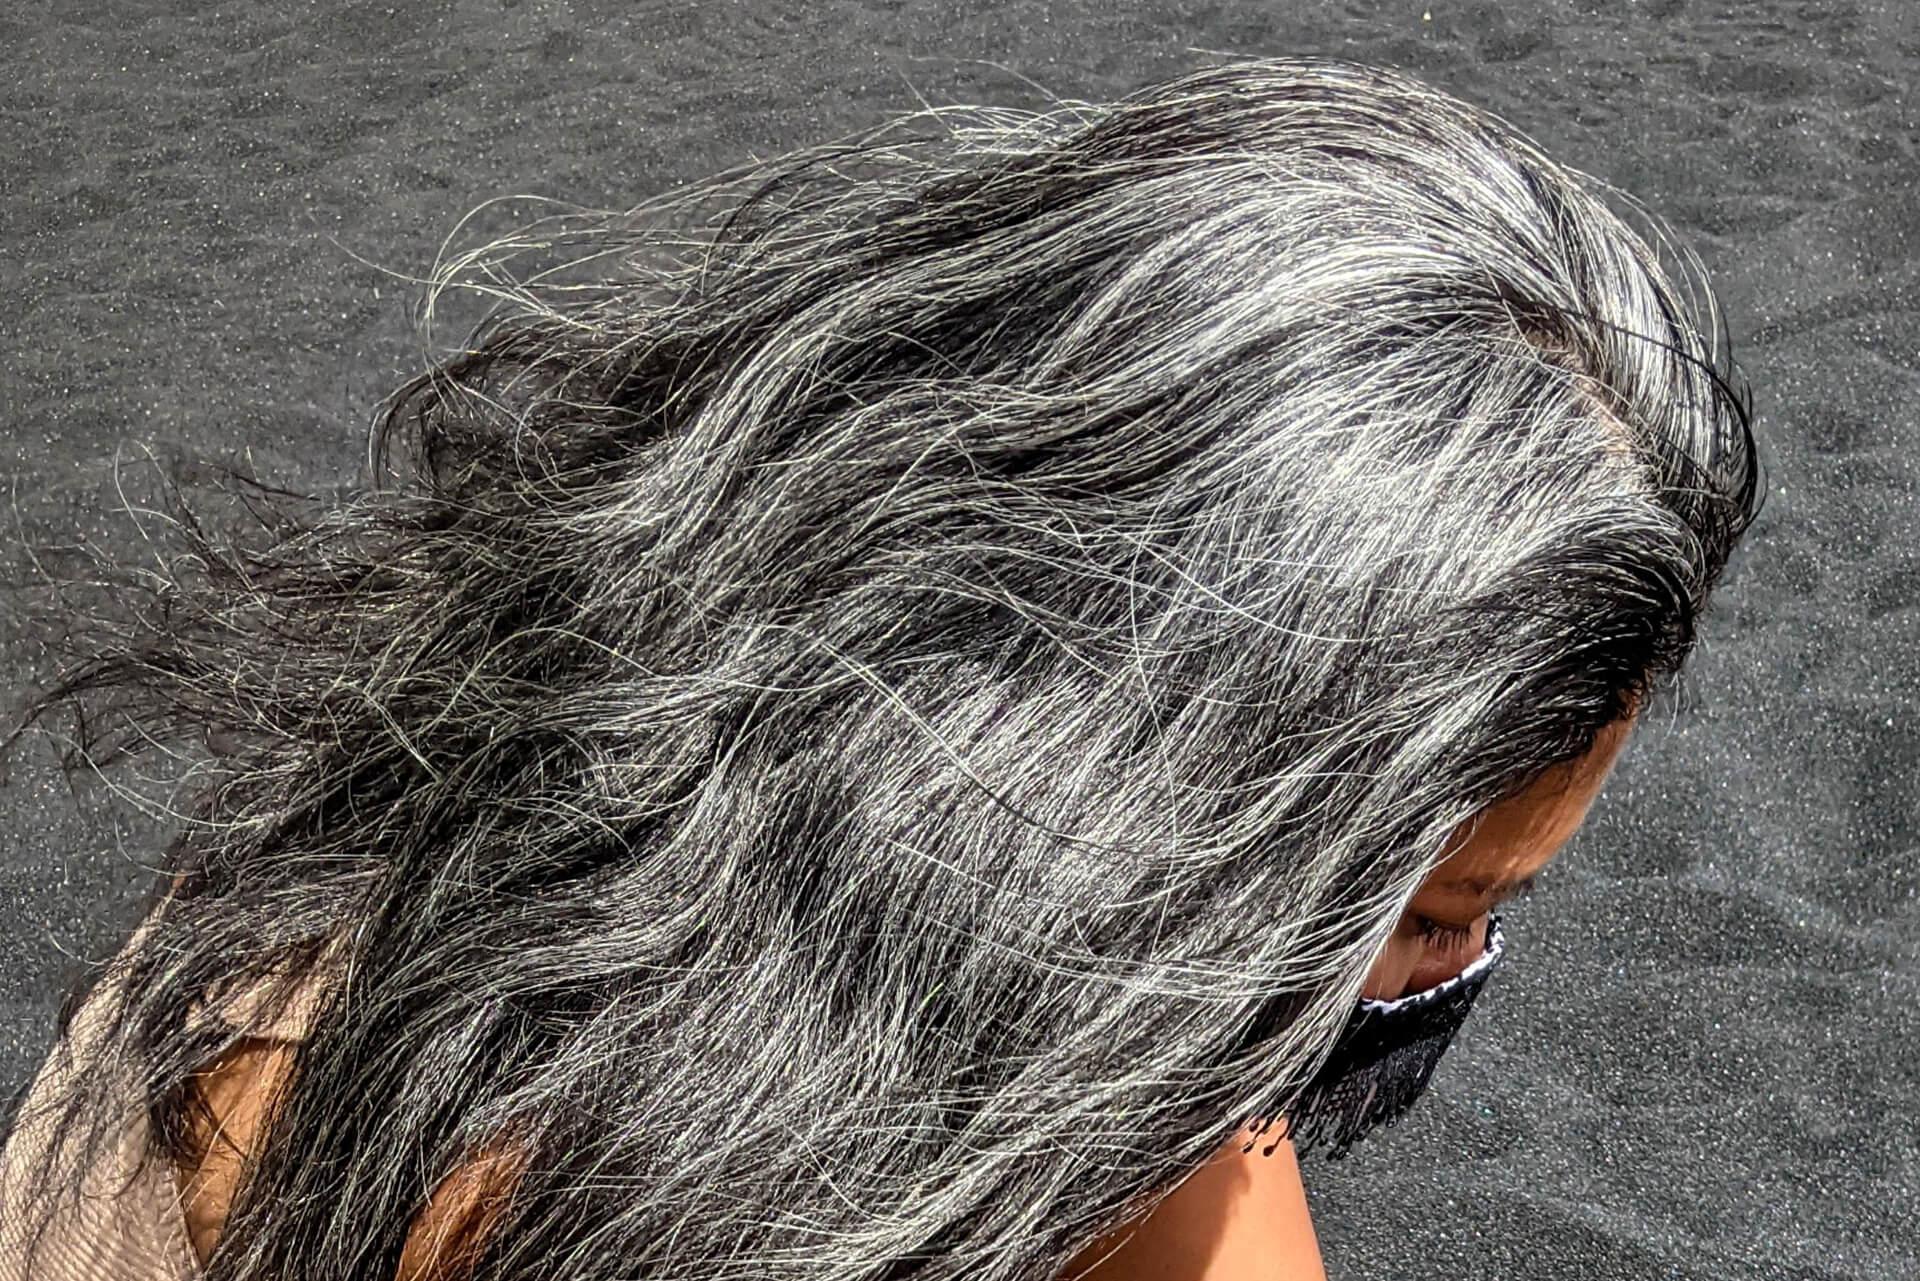 Wie wirkt Stress auf unsere Haare? |Konzept H